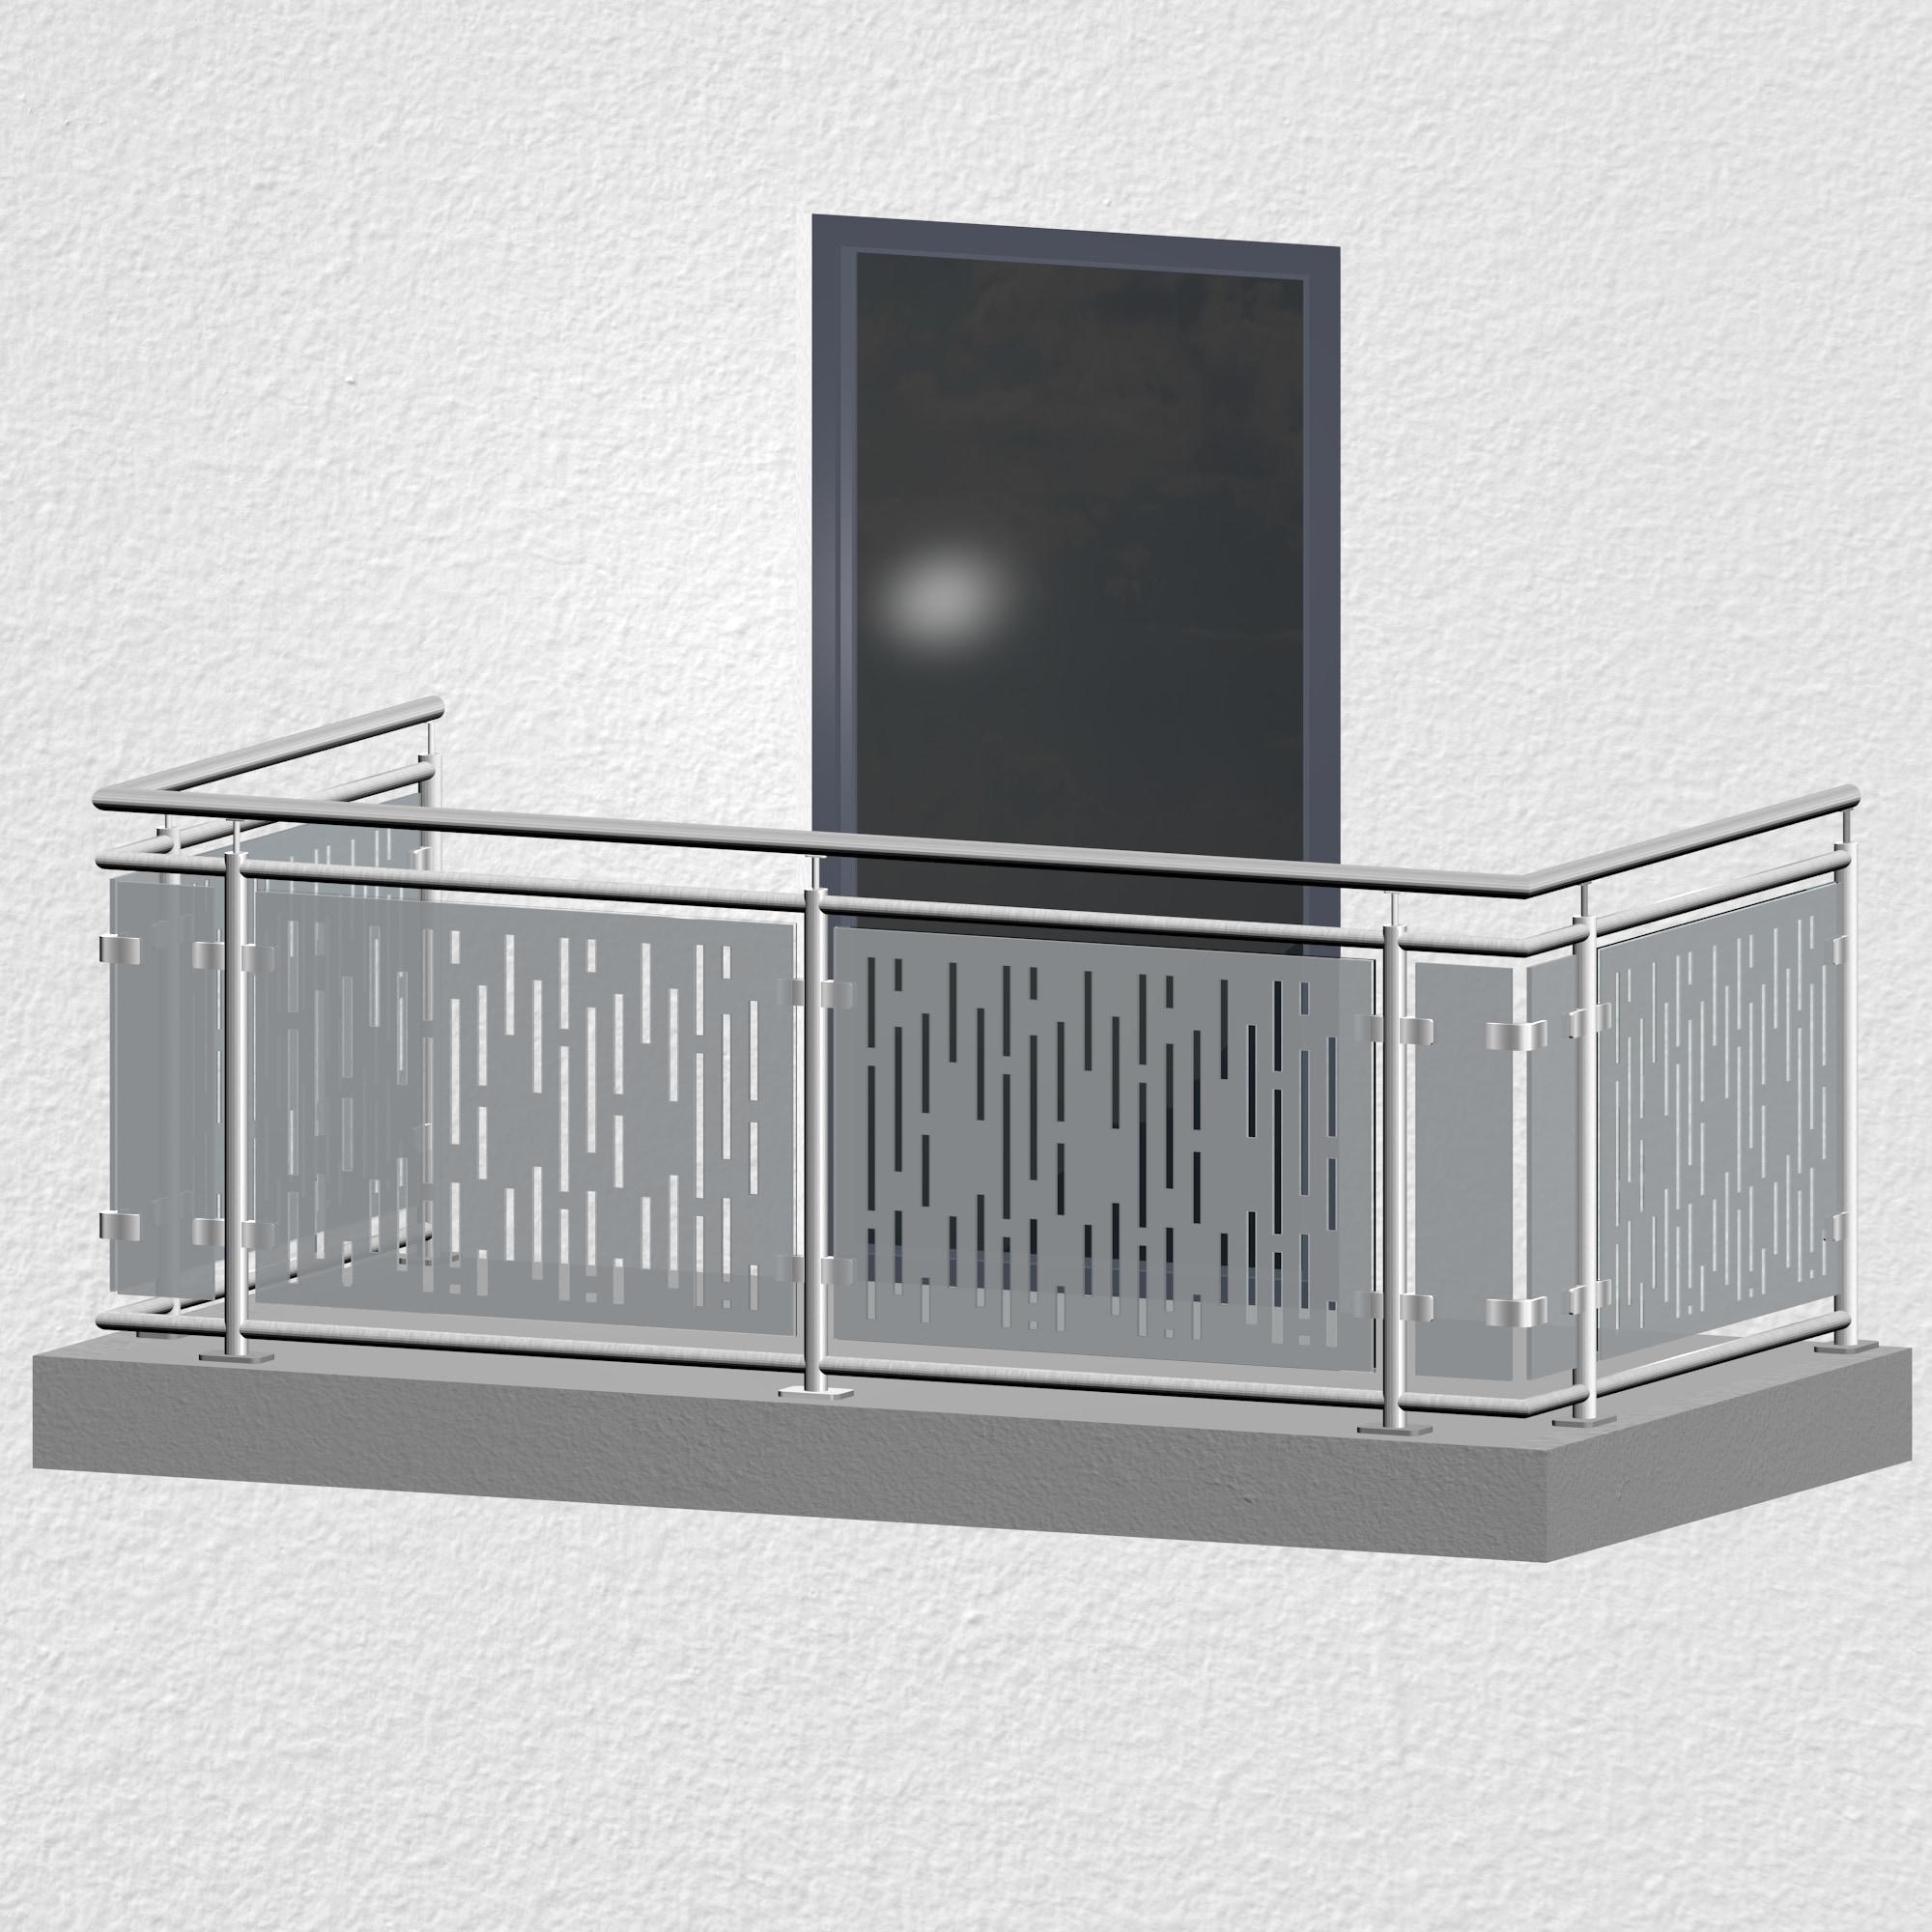 Balkongeländer Edelstahl Designglas SF VE